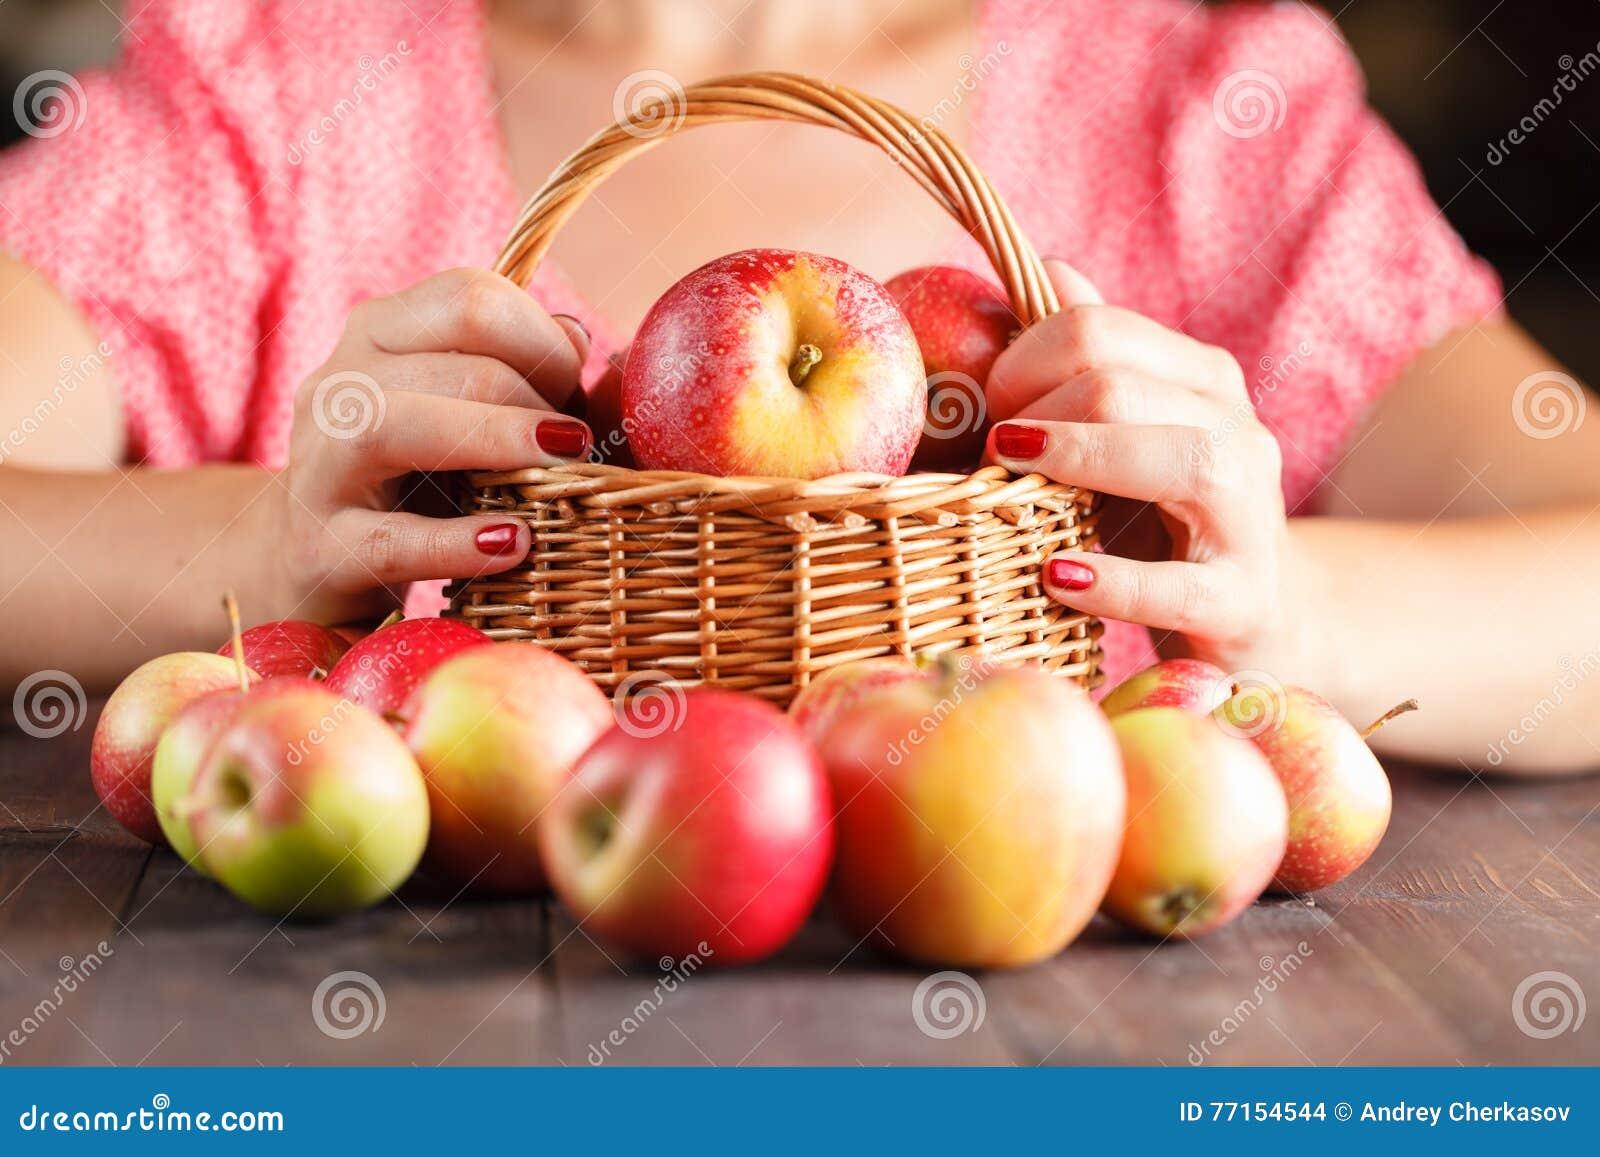 La femme juge un panier en osier plein des pommes rouges